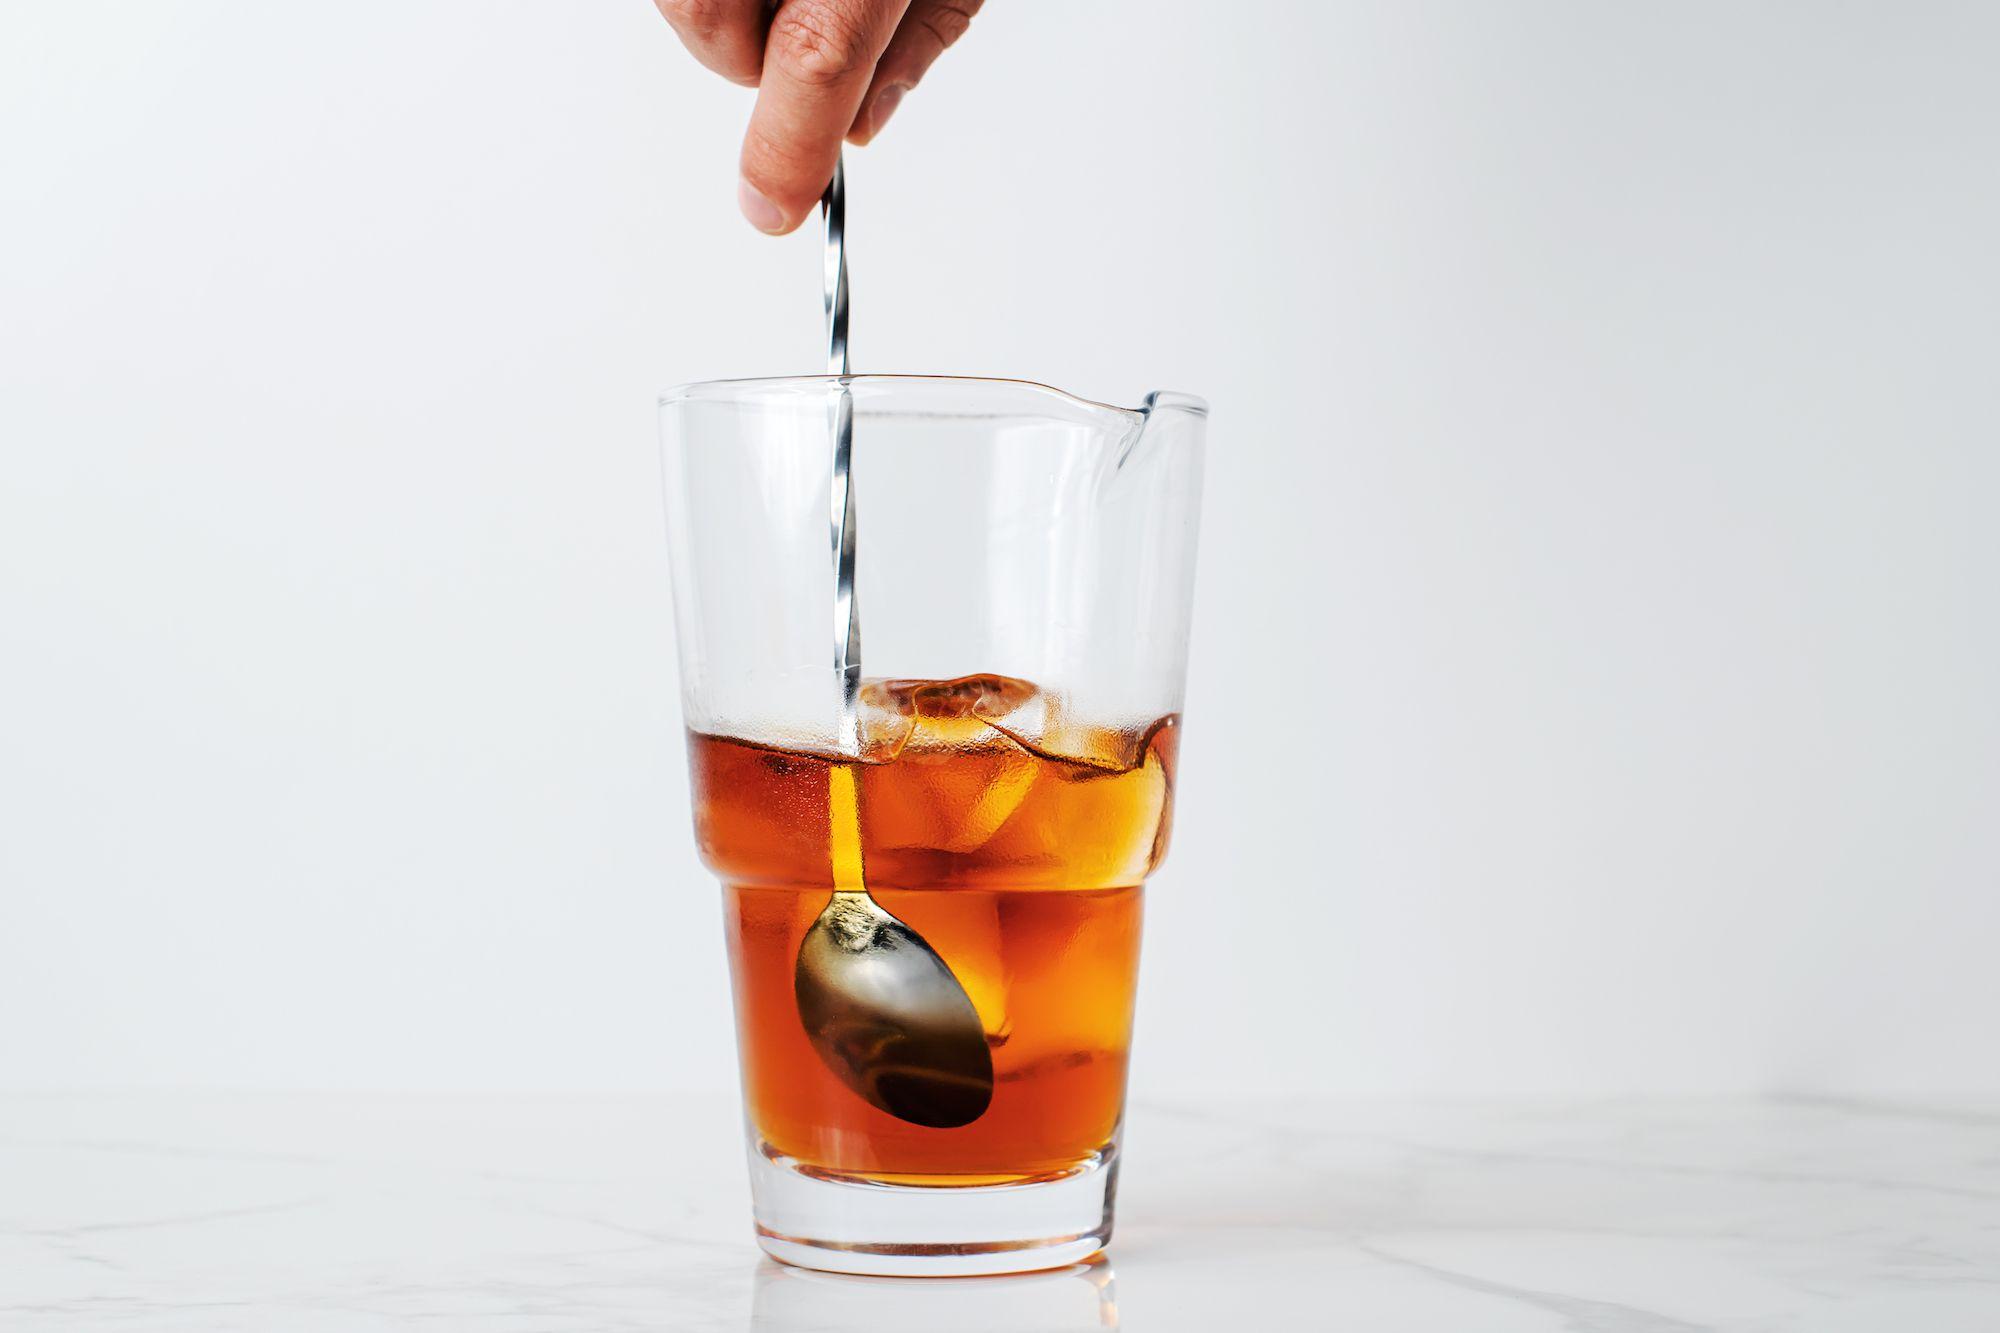 Stir whiskey